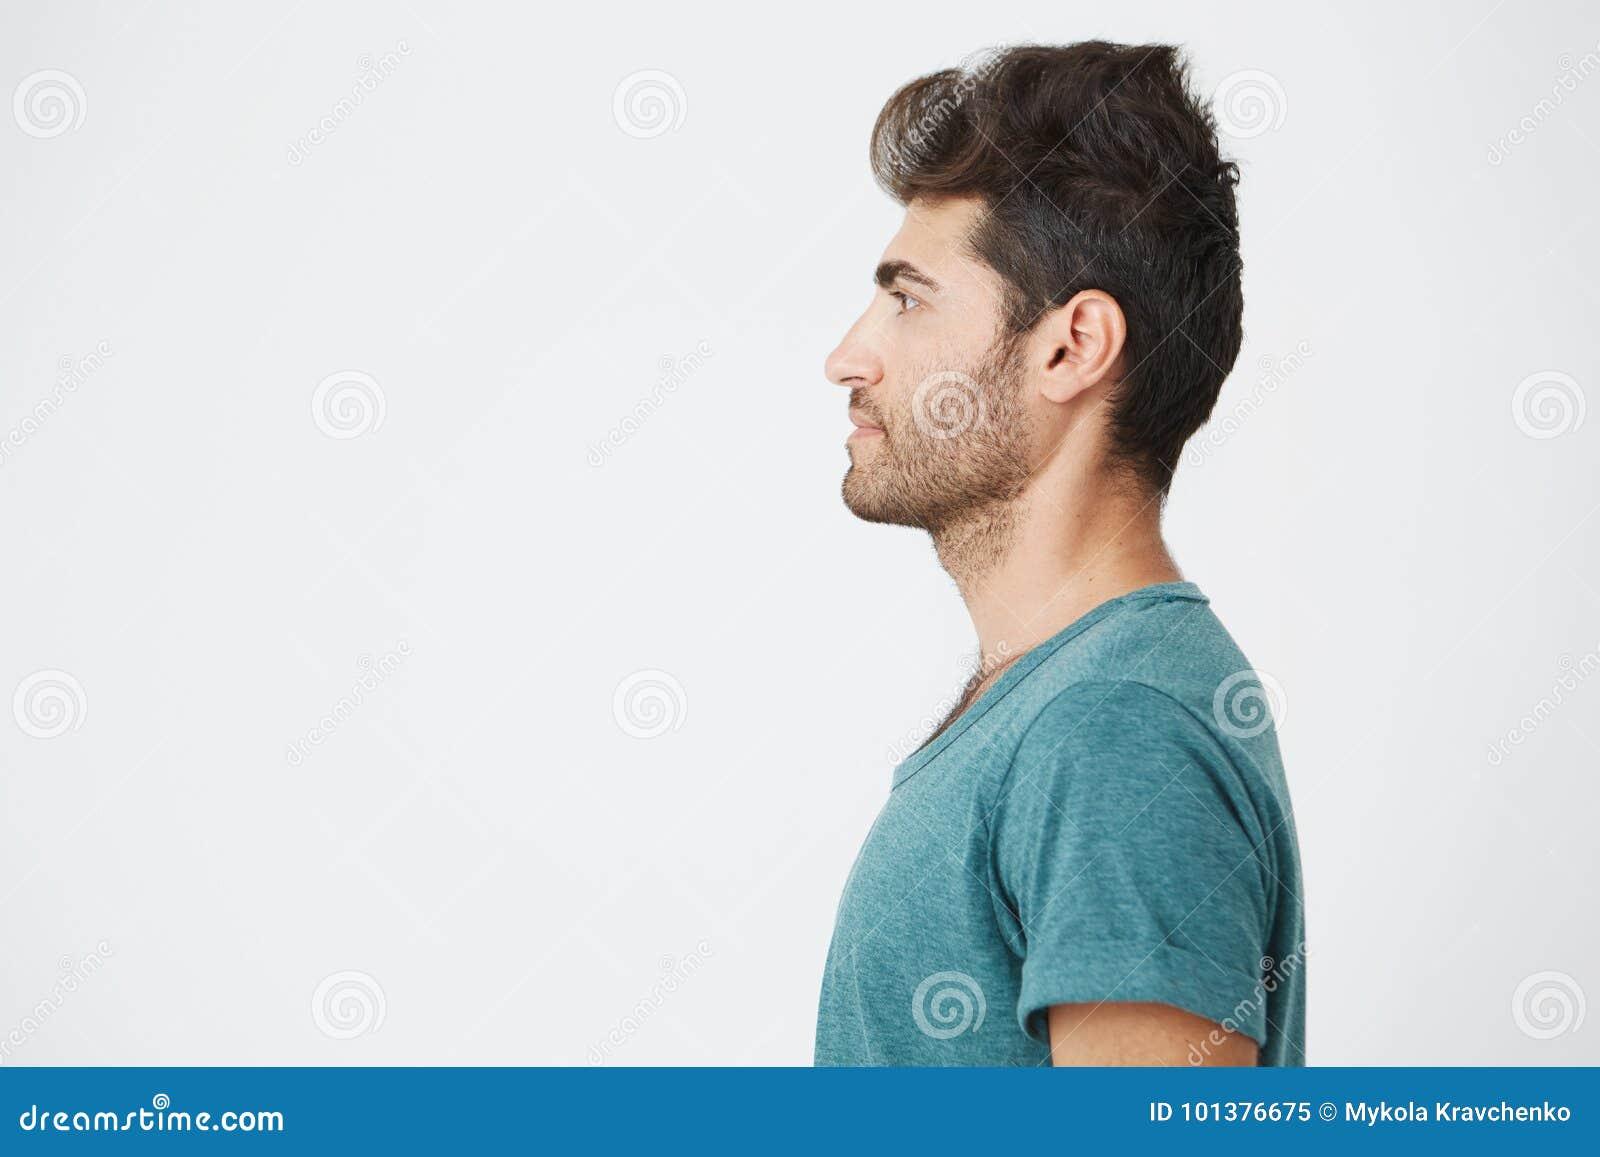 spanische haarschnitt